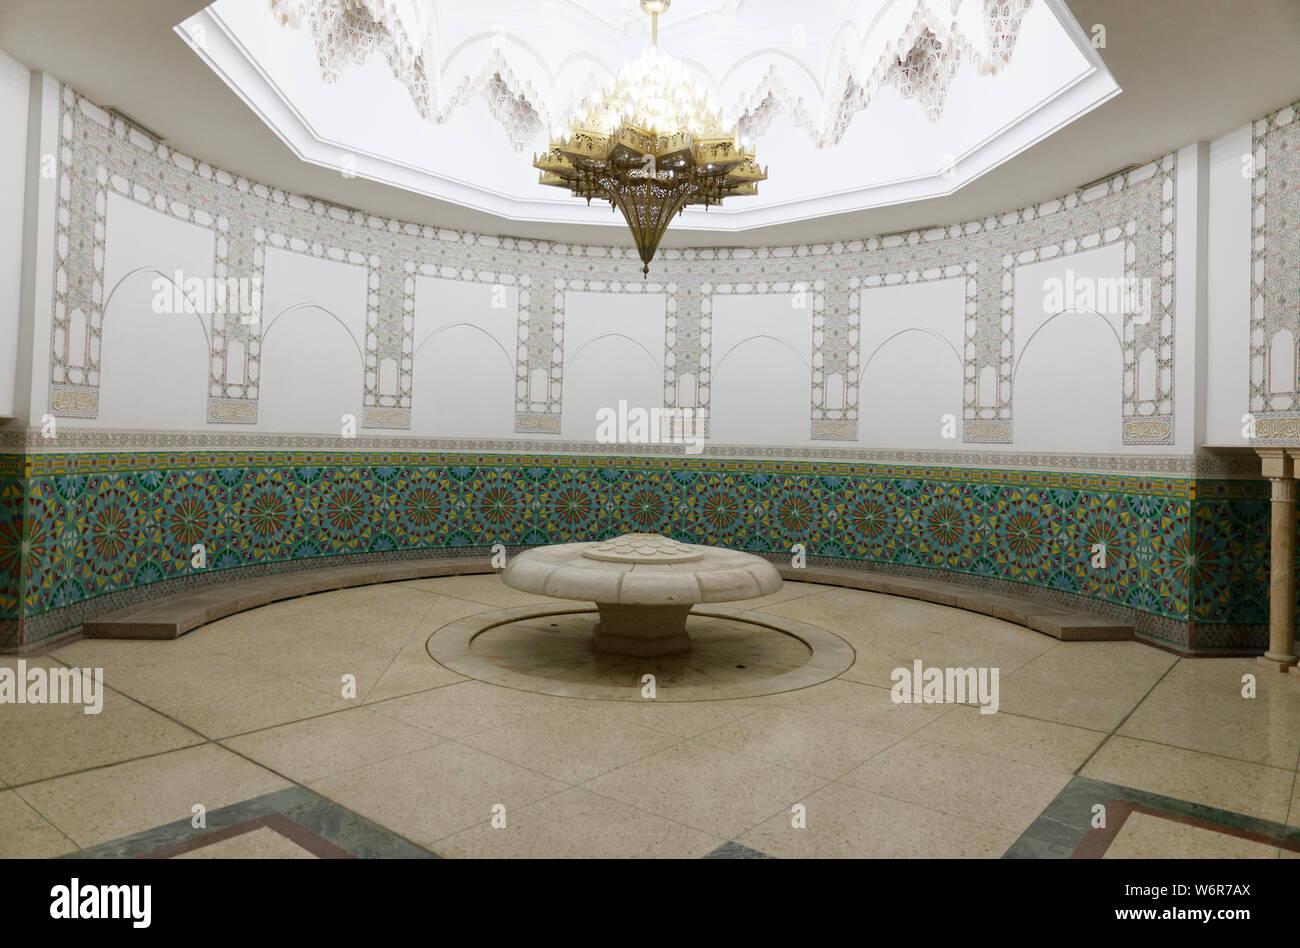 Vista del Wudu camera di lavaggio di Hassan II Grande moschea. Il rituale di lavaggio viene eseguita prima che la preghiera ufficiale, Casablanca, Marocco, Africa. Foto Stock